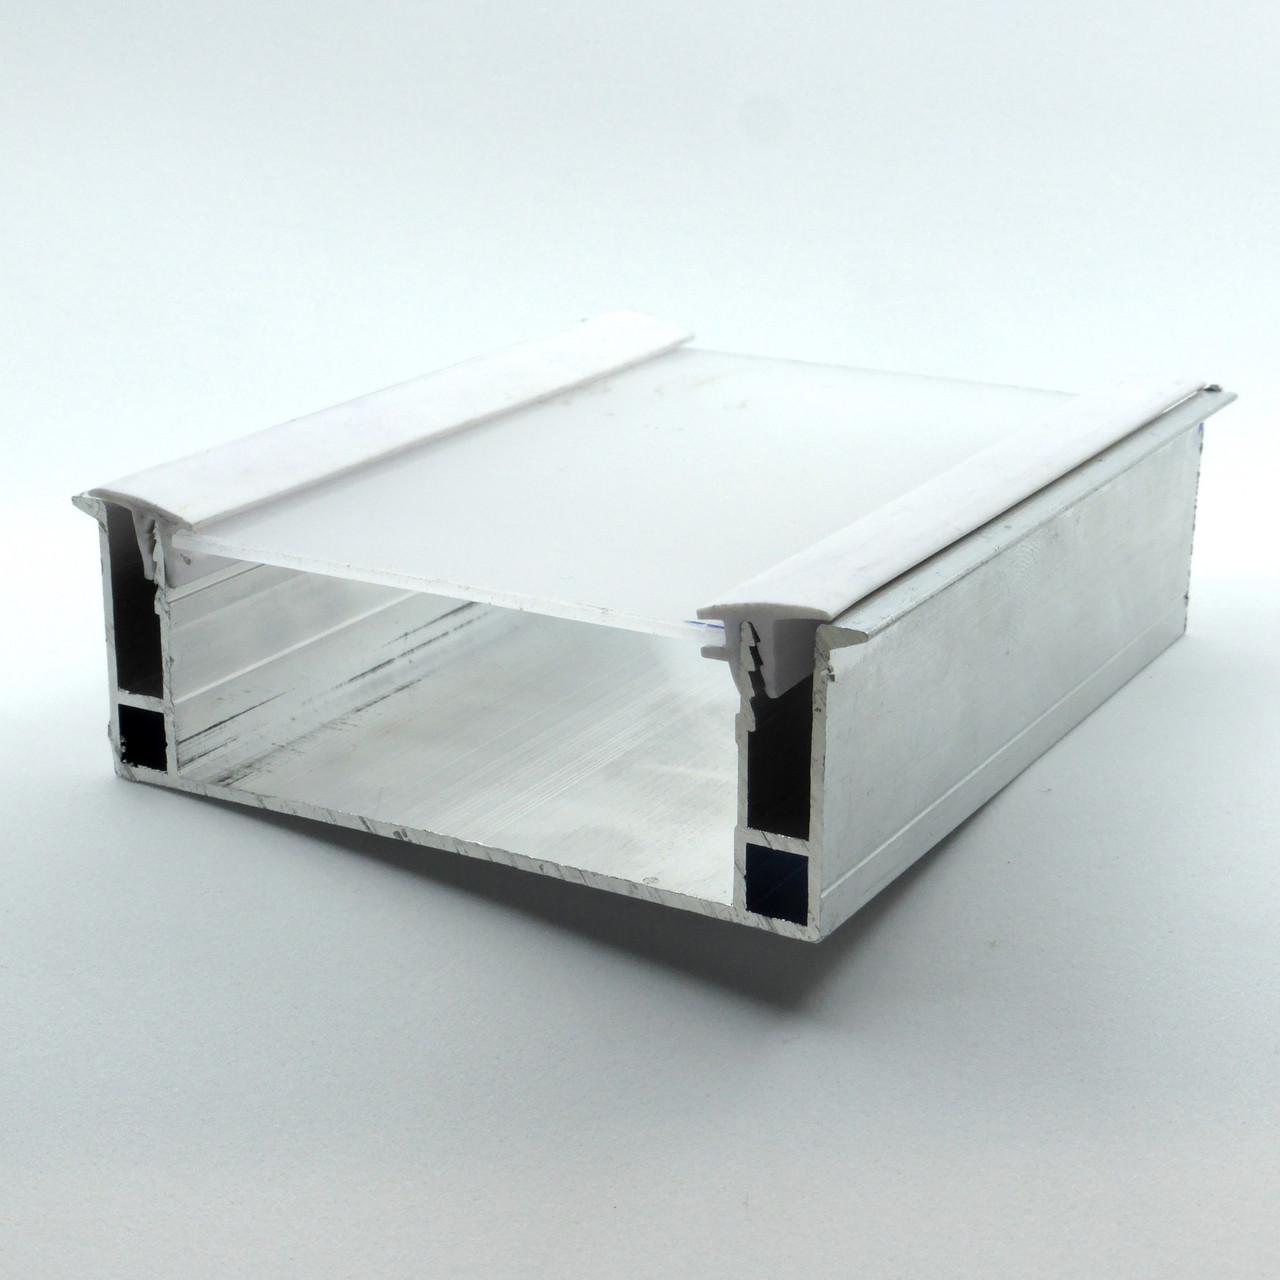 Профиль алюминиевый - парящая линия, с линзой, со вставкой. Длина профиля 2 м.